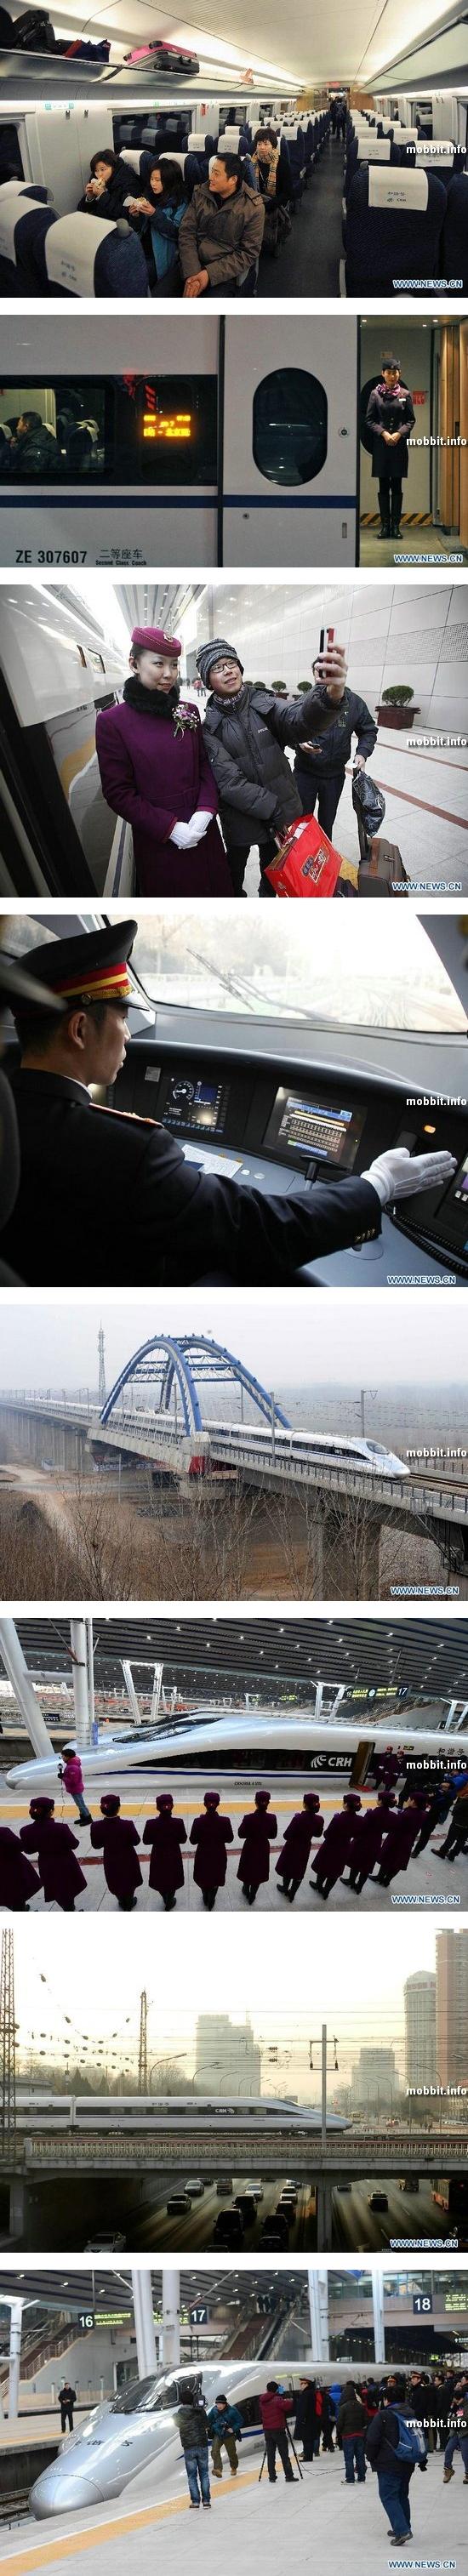 Самый длинный в мире высокоскоростной железнодорожный маршрут